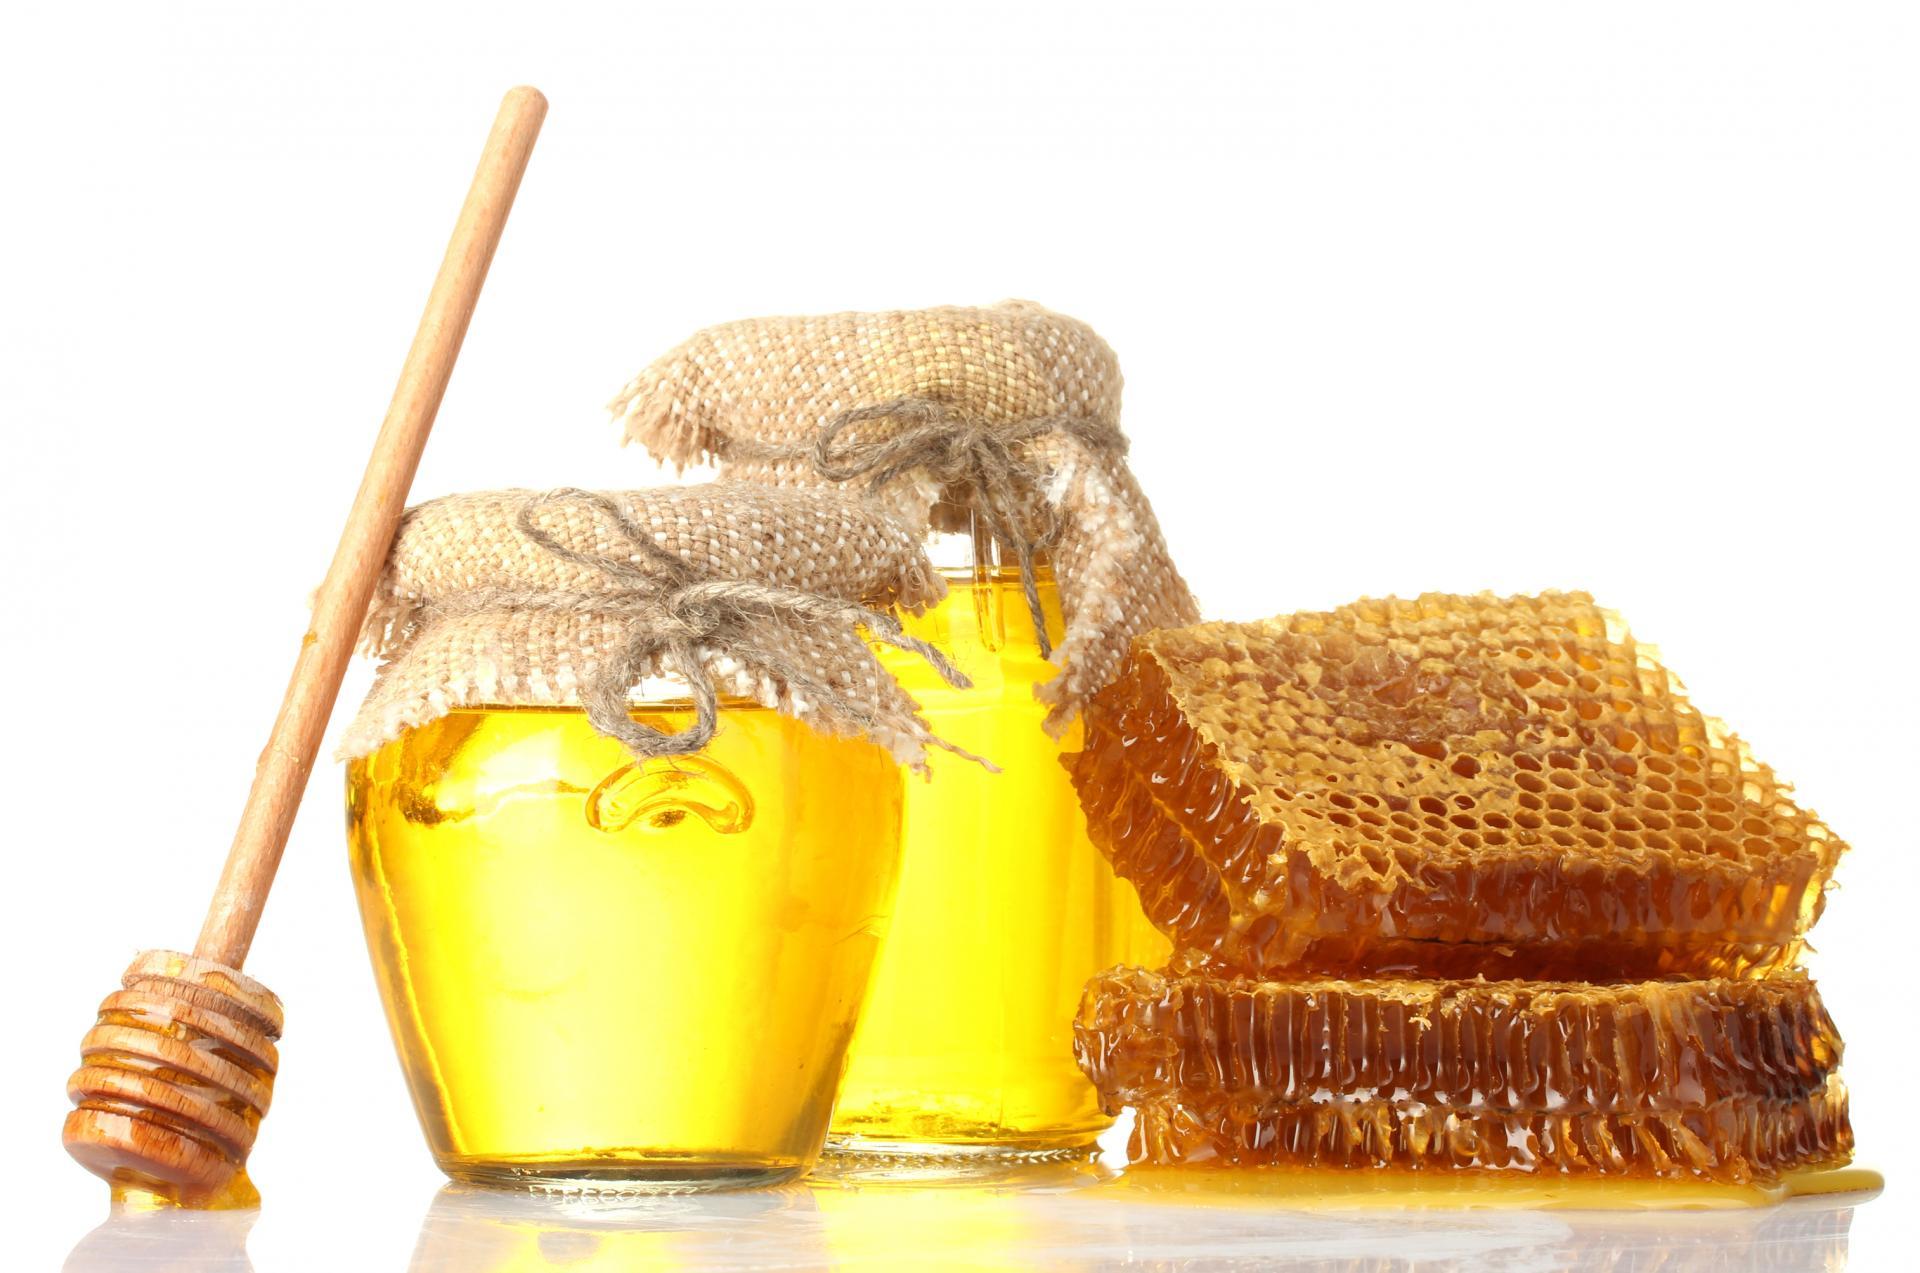 Мёд при панкреатите: явная опасность или польза?